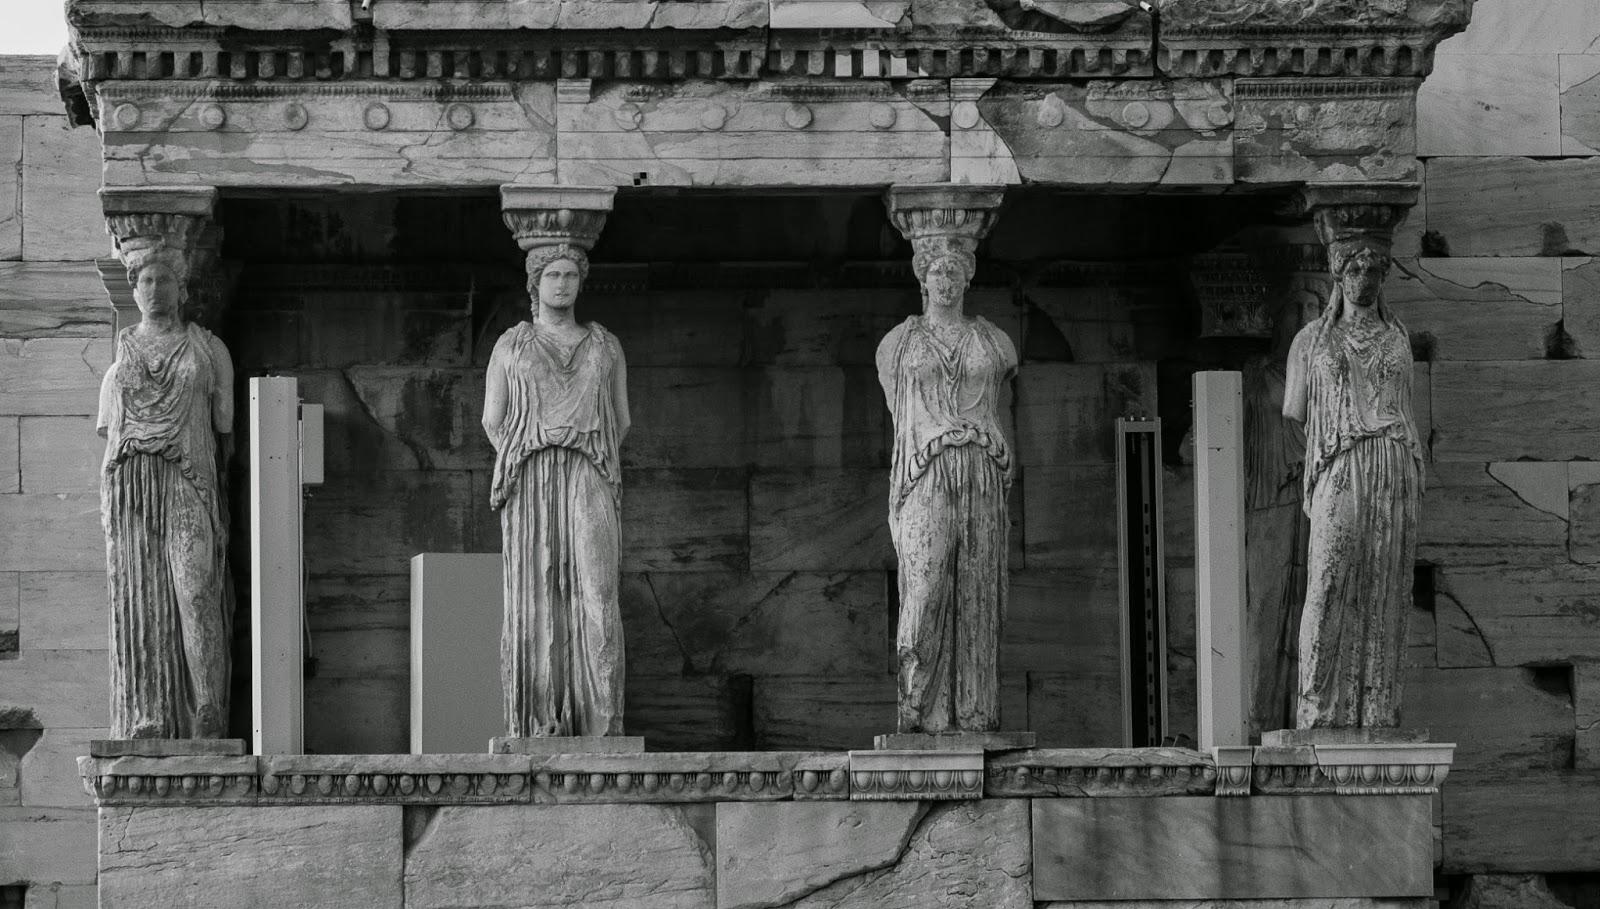 Dağların Kıyıya Paralel Uzandığı Şehir, Atina #2